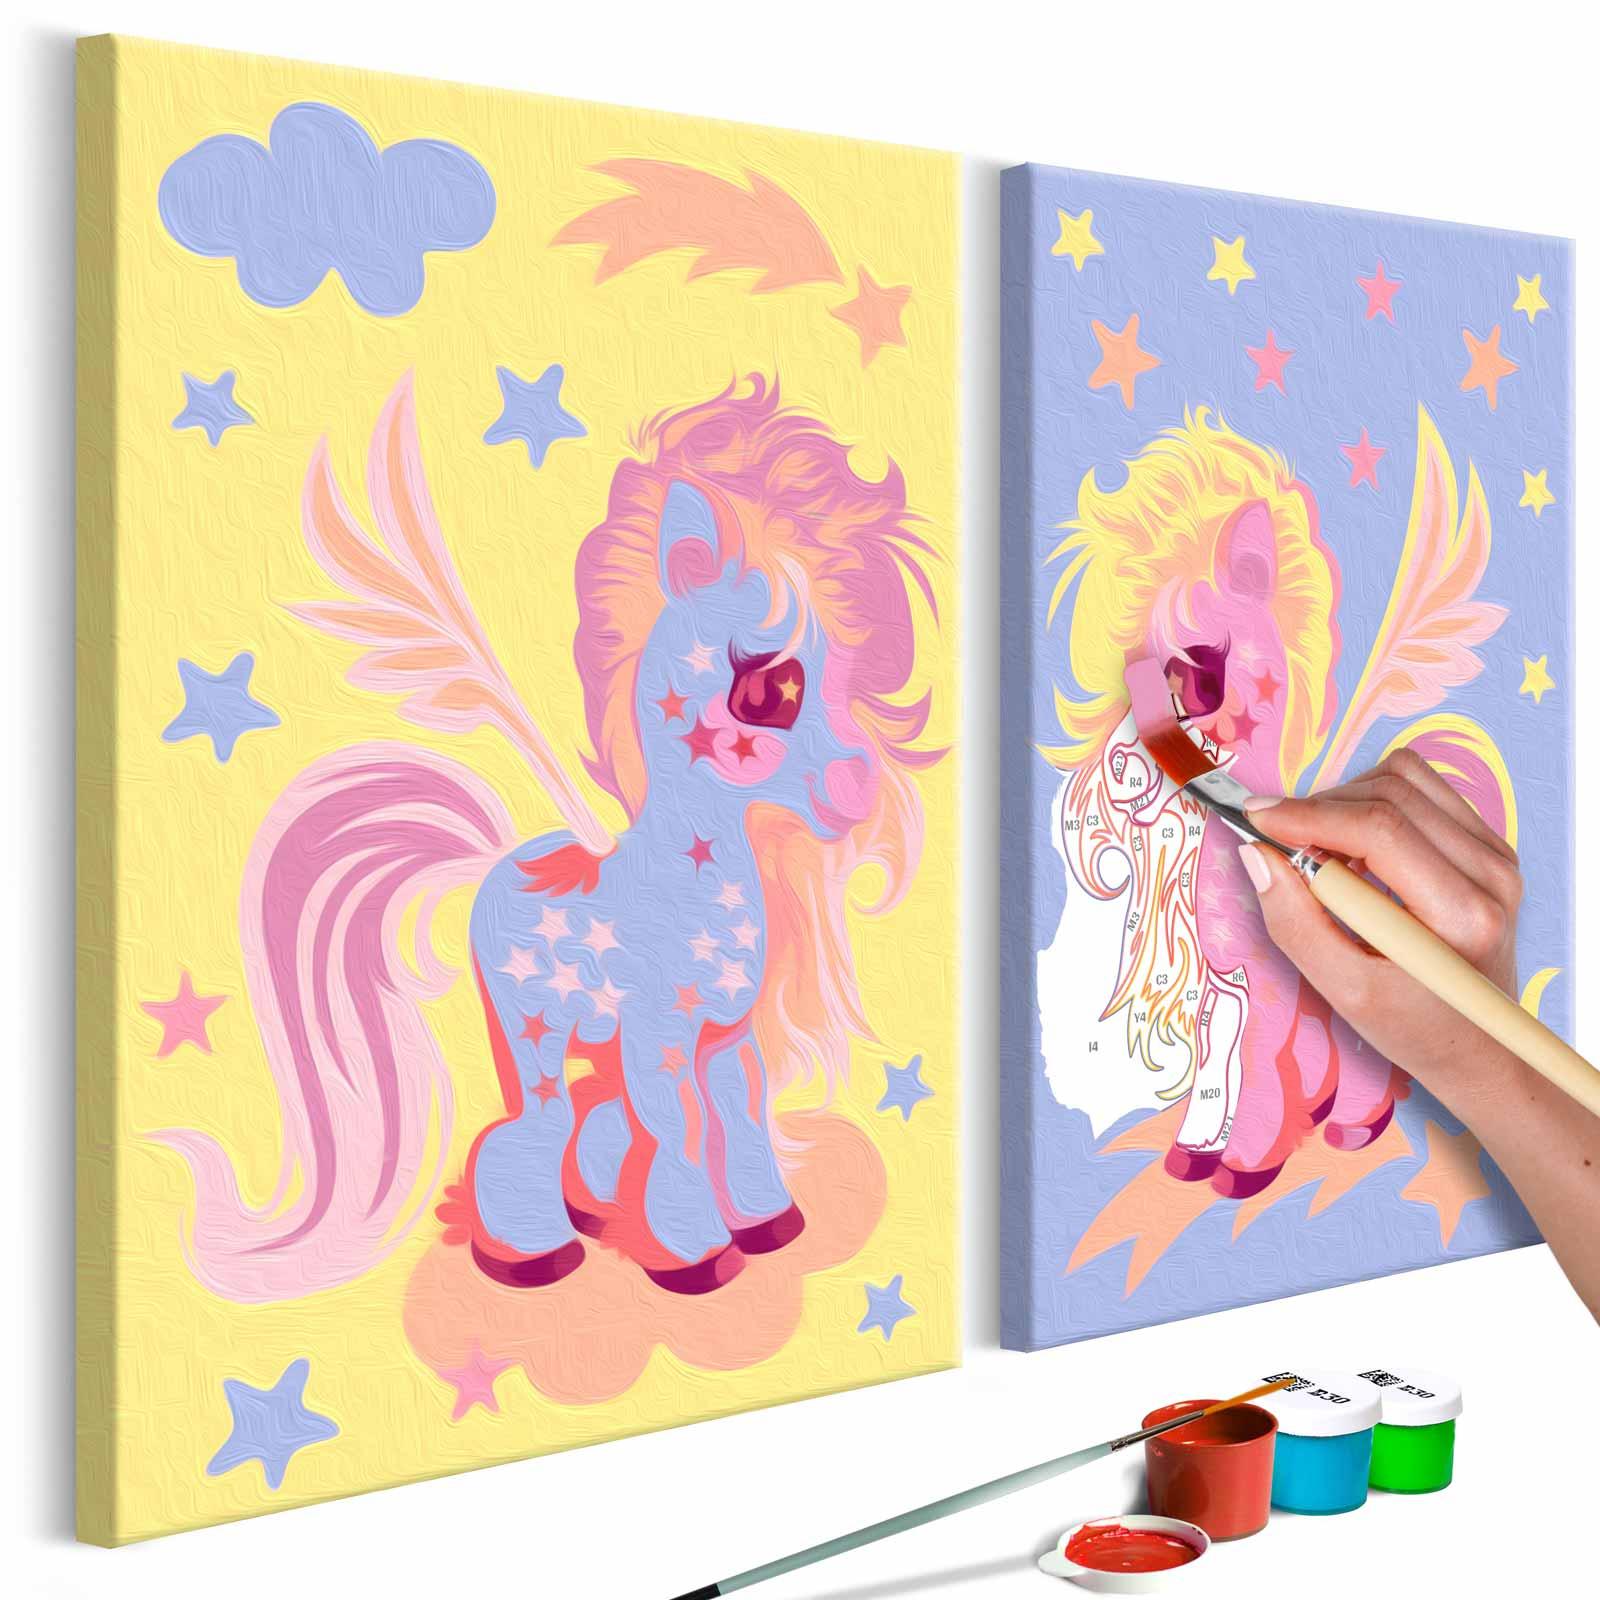 artgeist – Artgeist diy magical unicorns maleri - hvidt lærred, inkl. maling og pensel (23x120) på boboonline.dk